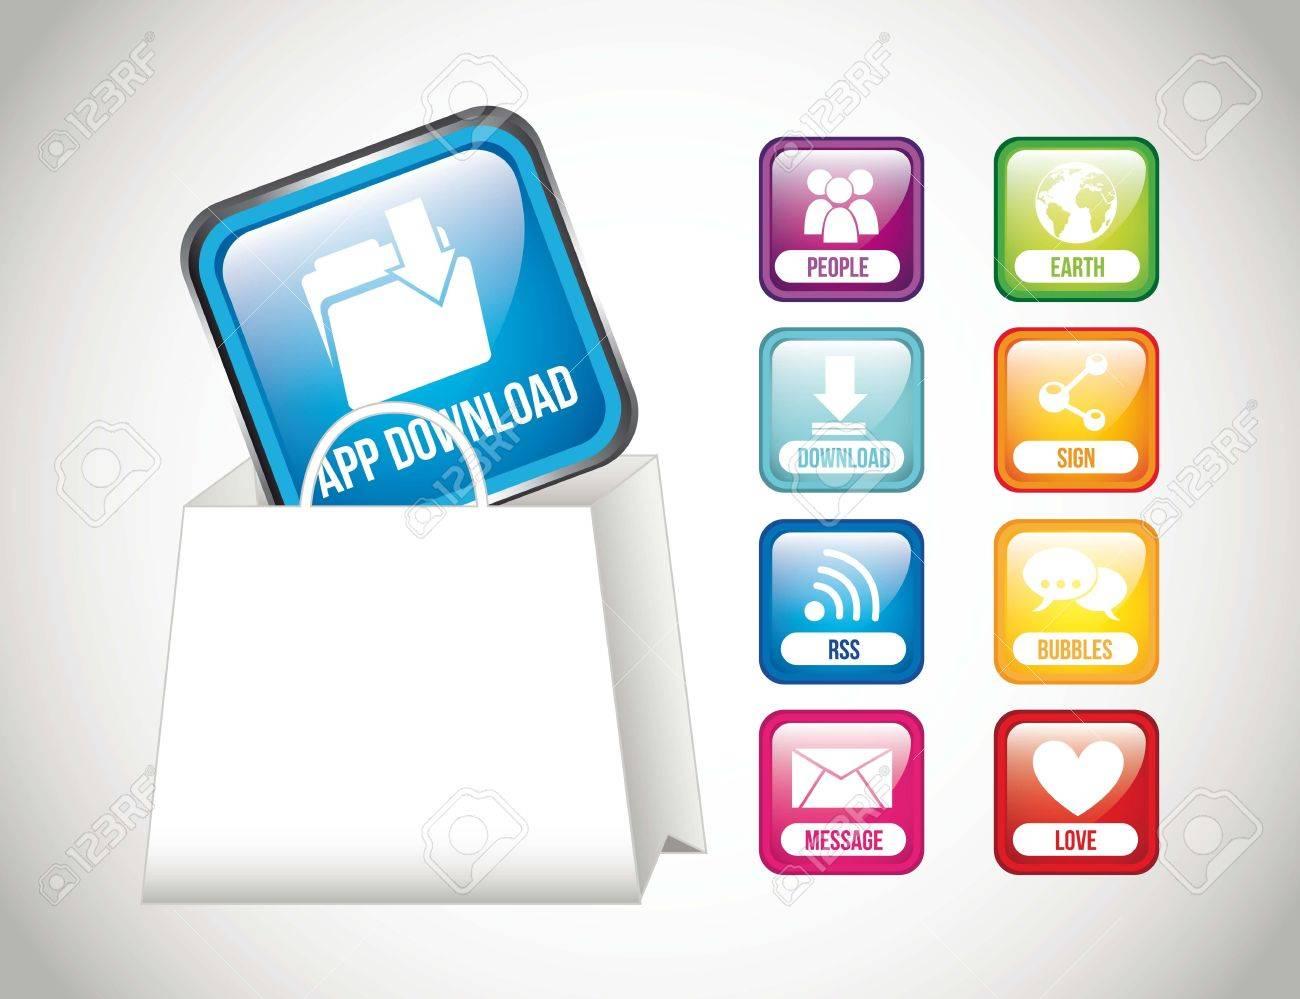 app 4.